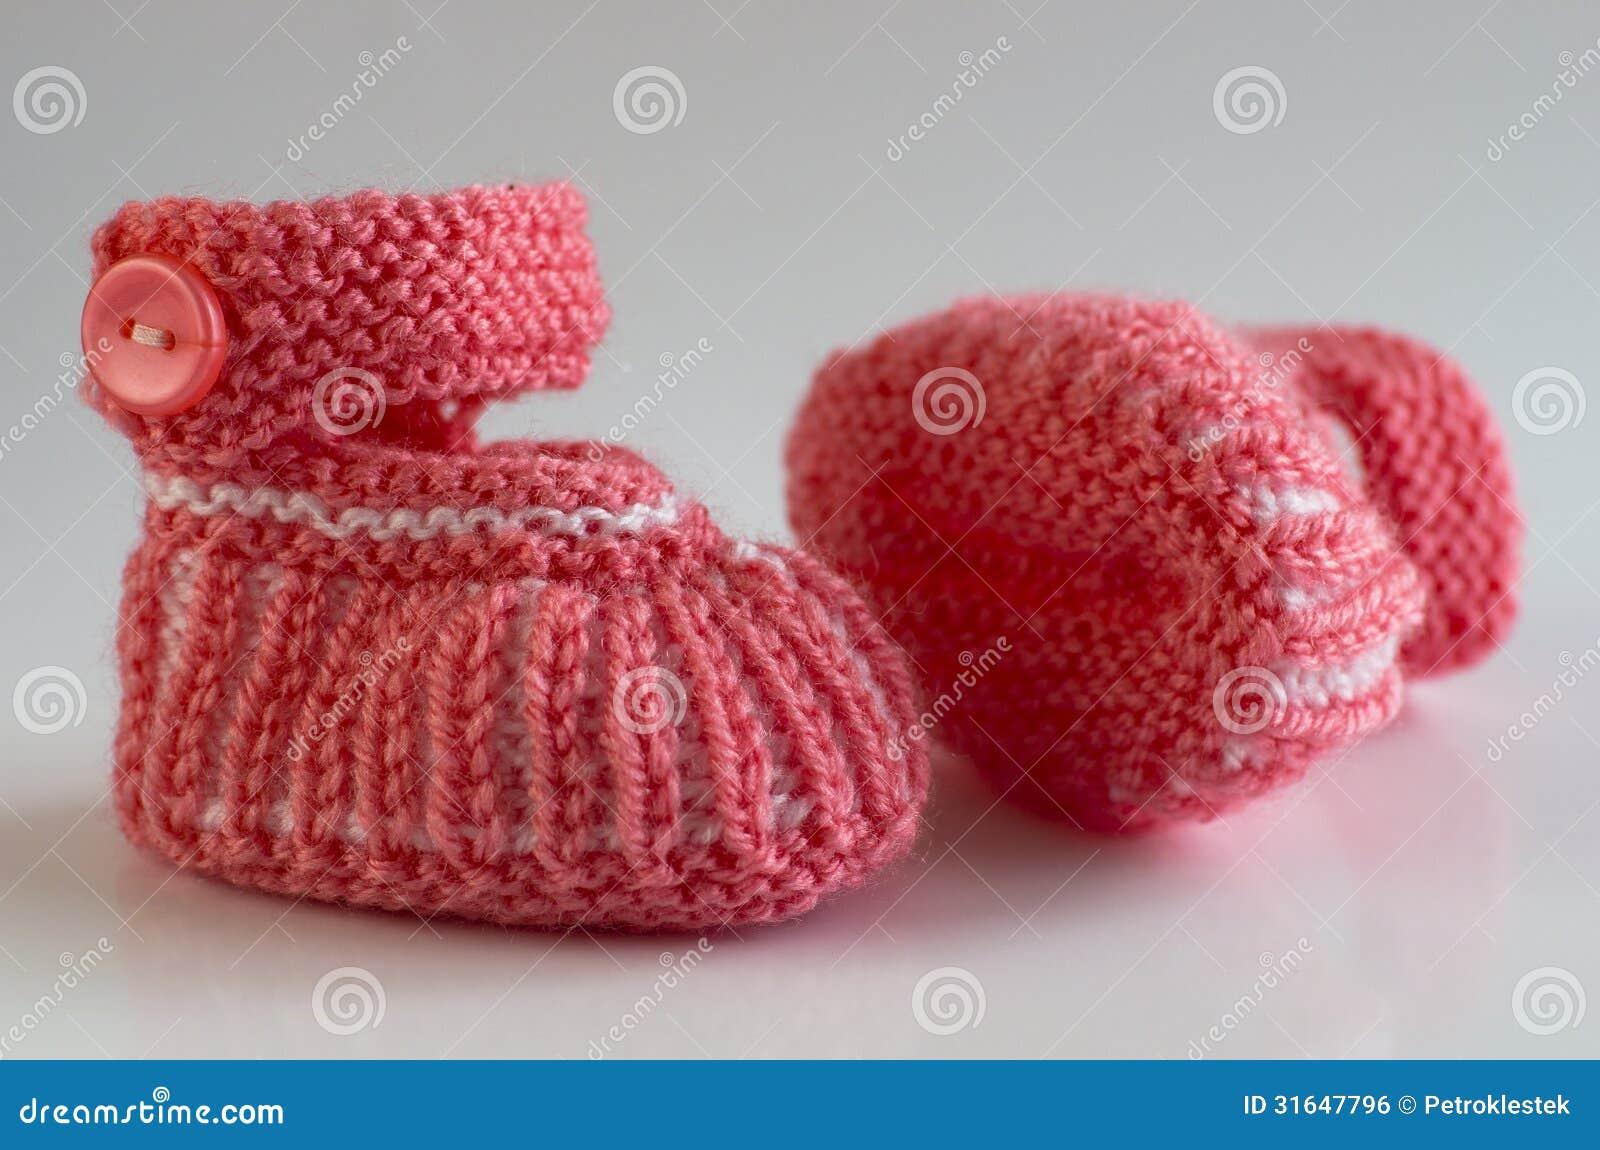 Handmade Baby Mufflers Stock Photo Image Of Pair Handmade 31647796